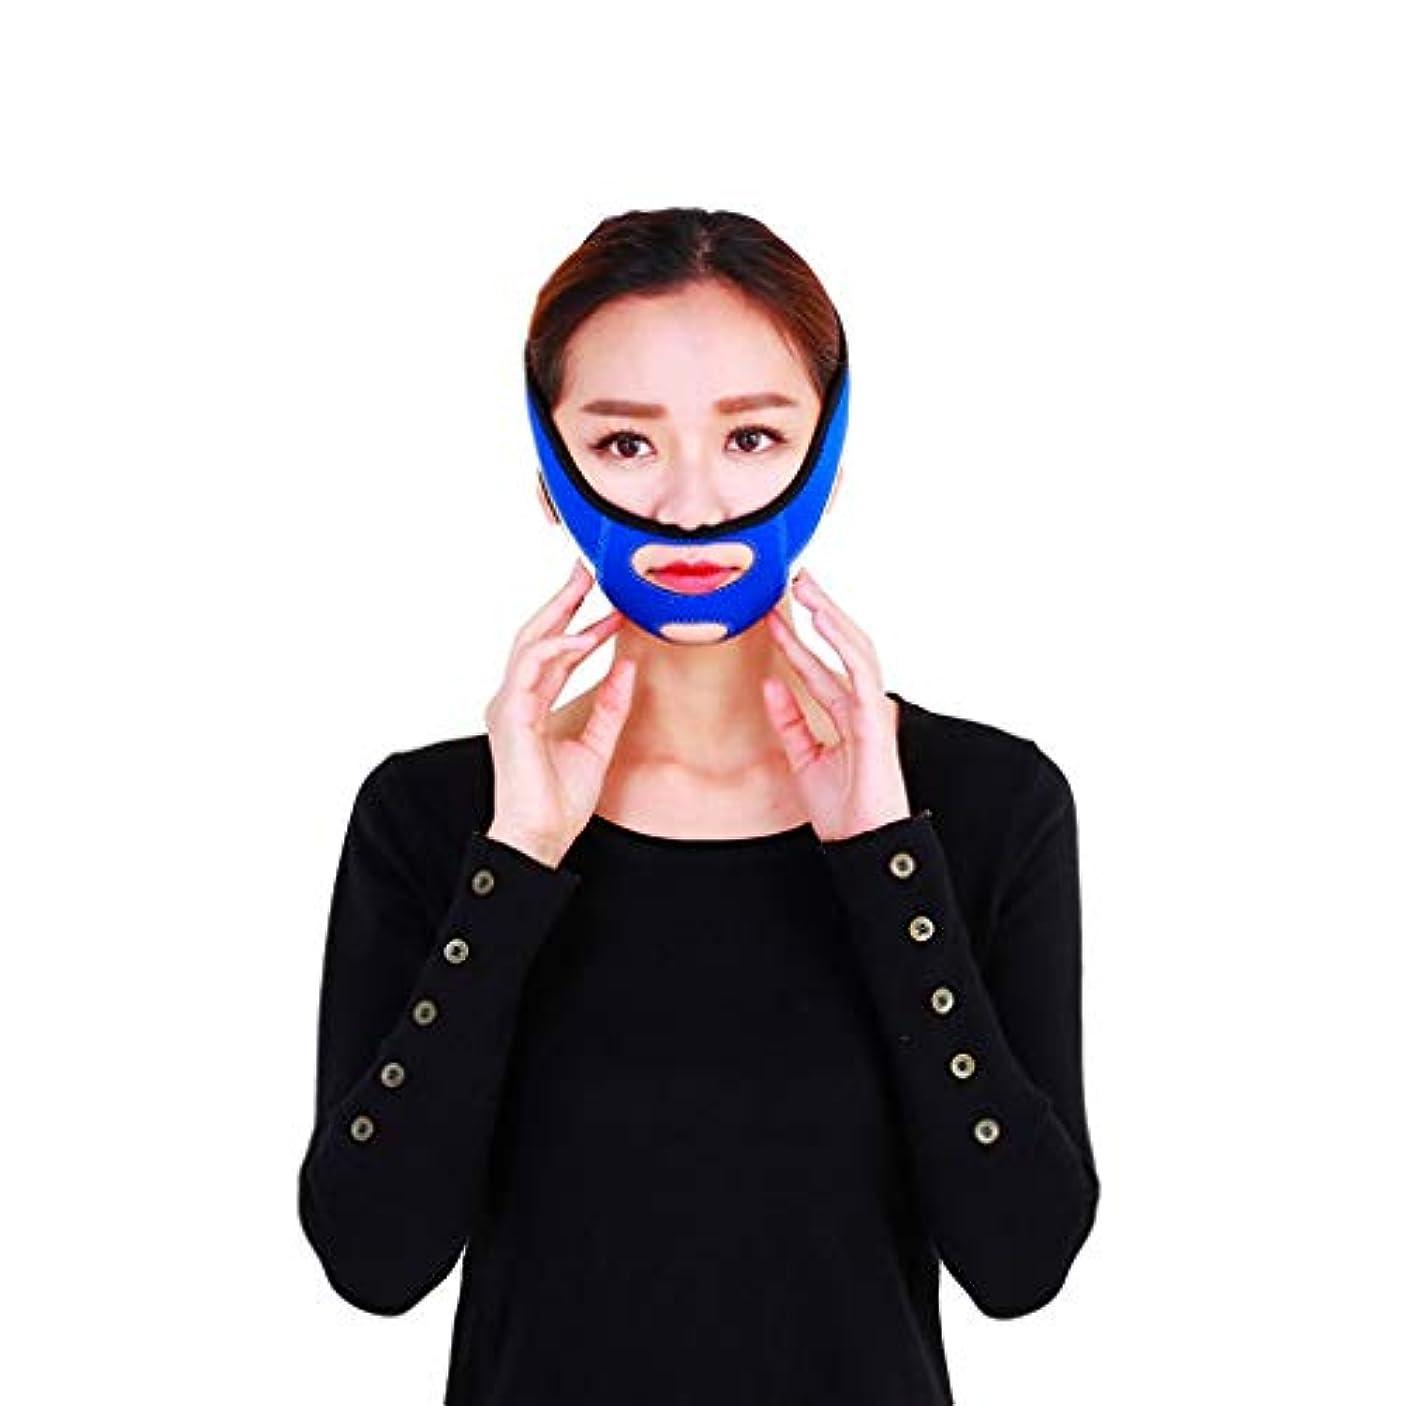 覗くシンボル小説家滑り止め弾性ストレッチ包帯を強化するために口を調整する顔の顔のマスク